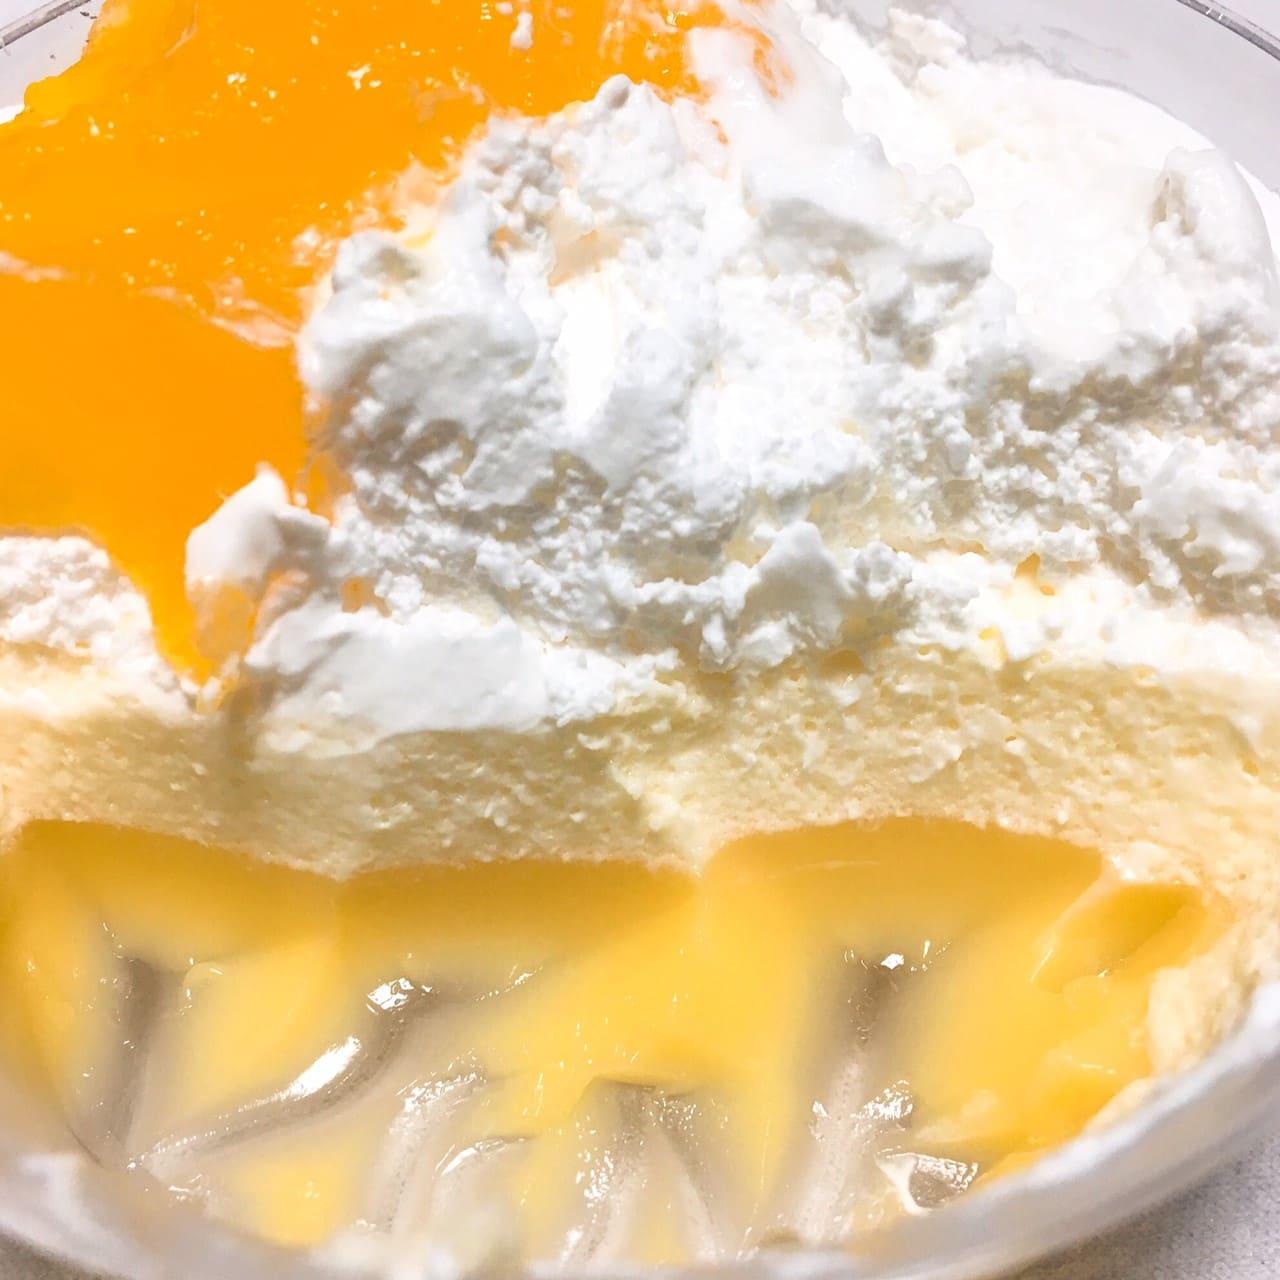 温州みかんと柑橘のパフェ断面